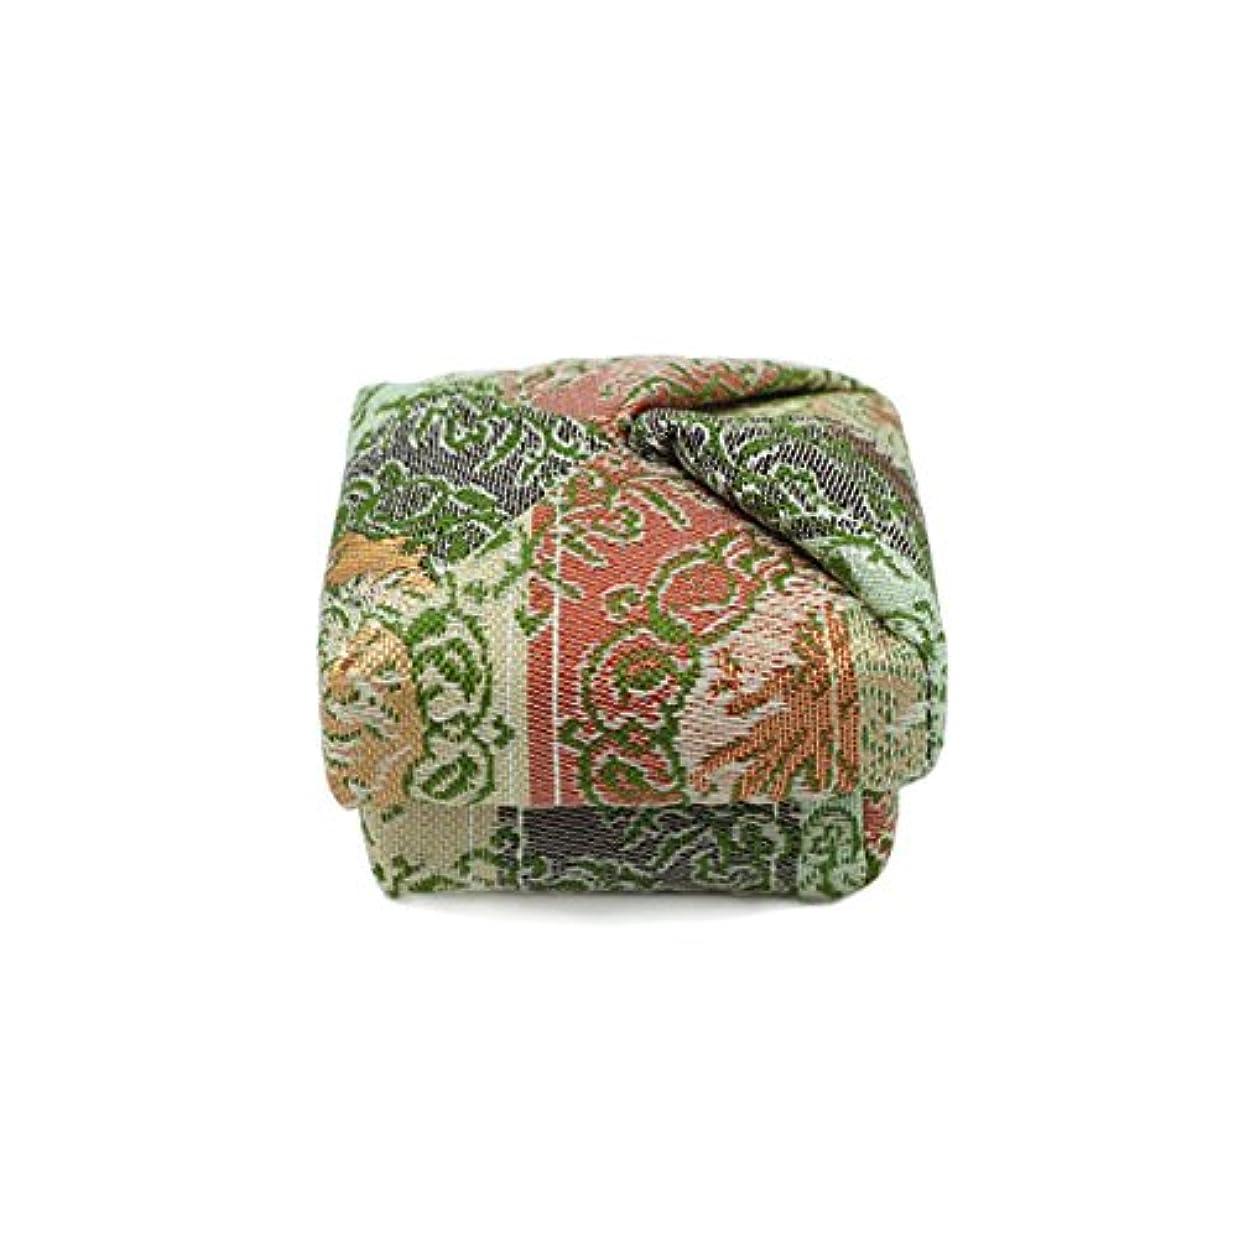 移行行き当たりばったり辛い布香合‐角‐ 紙箱入 鳳凰紋